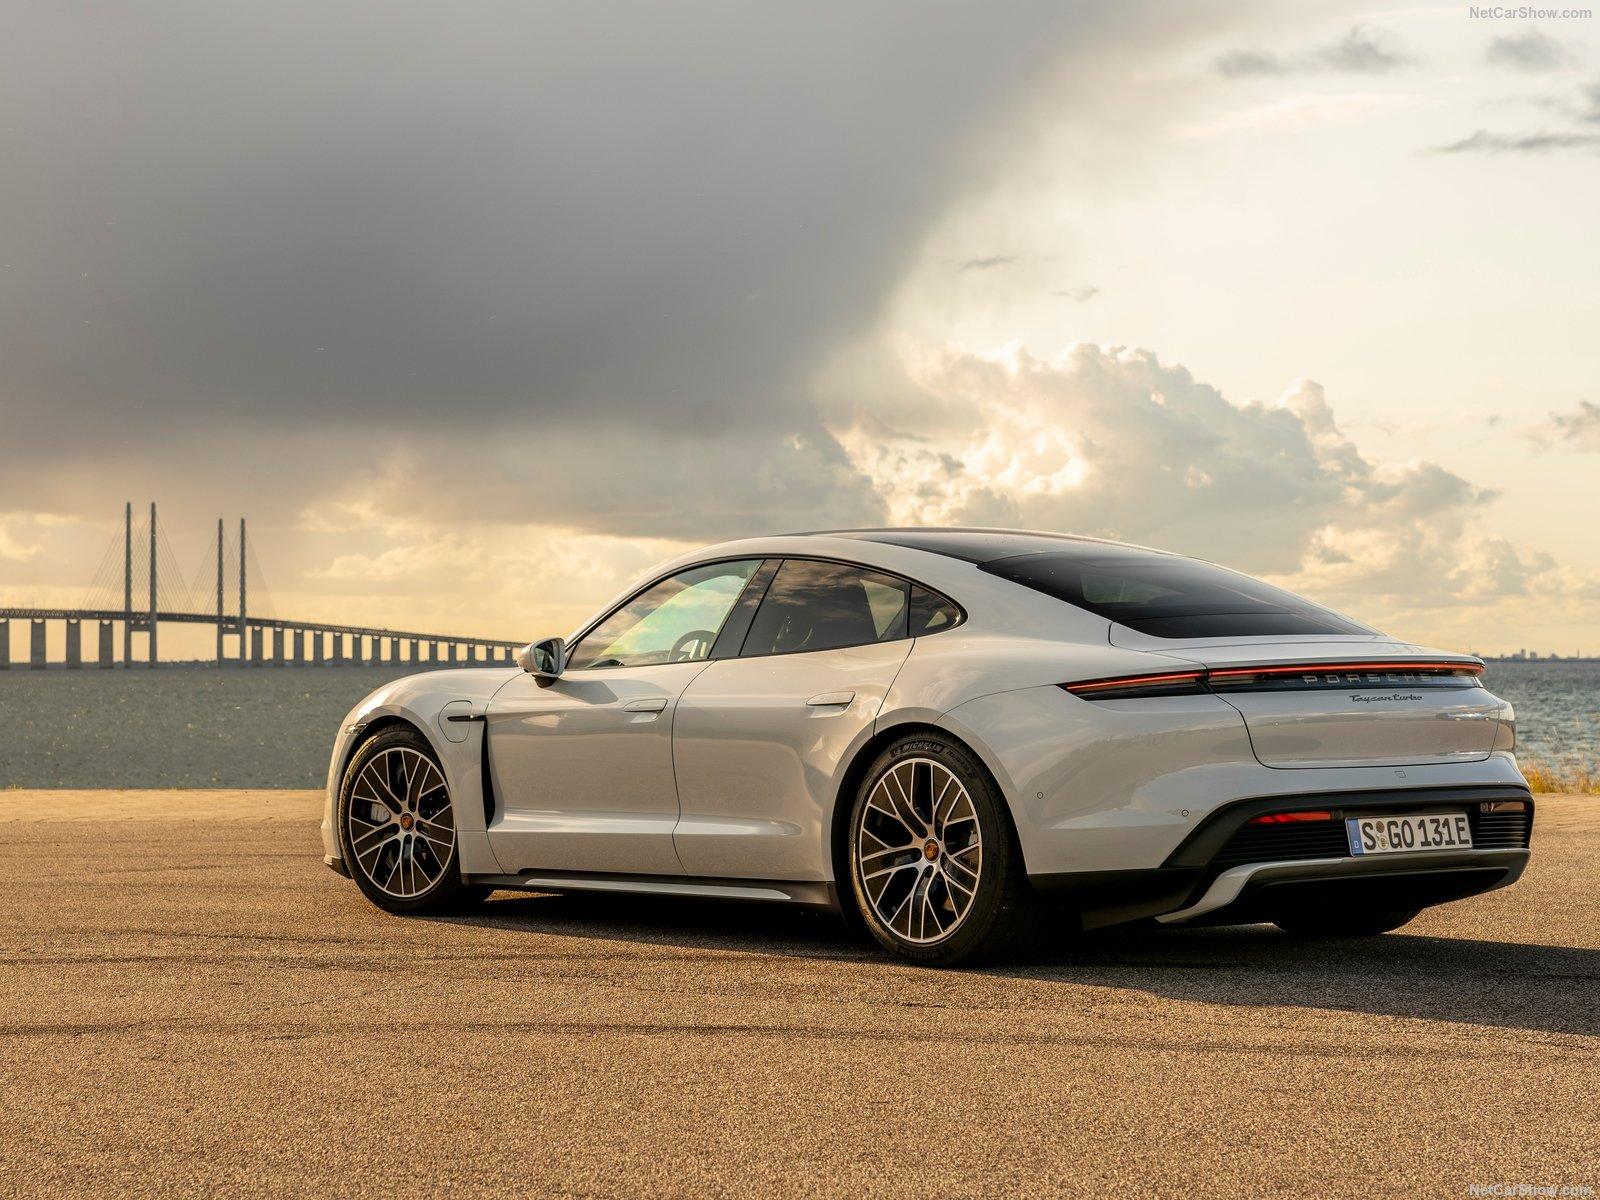 Porsche Taycan Satışları Beklentileri Karşılayacak Mı?